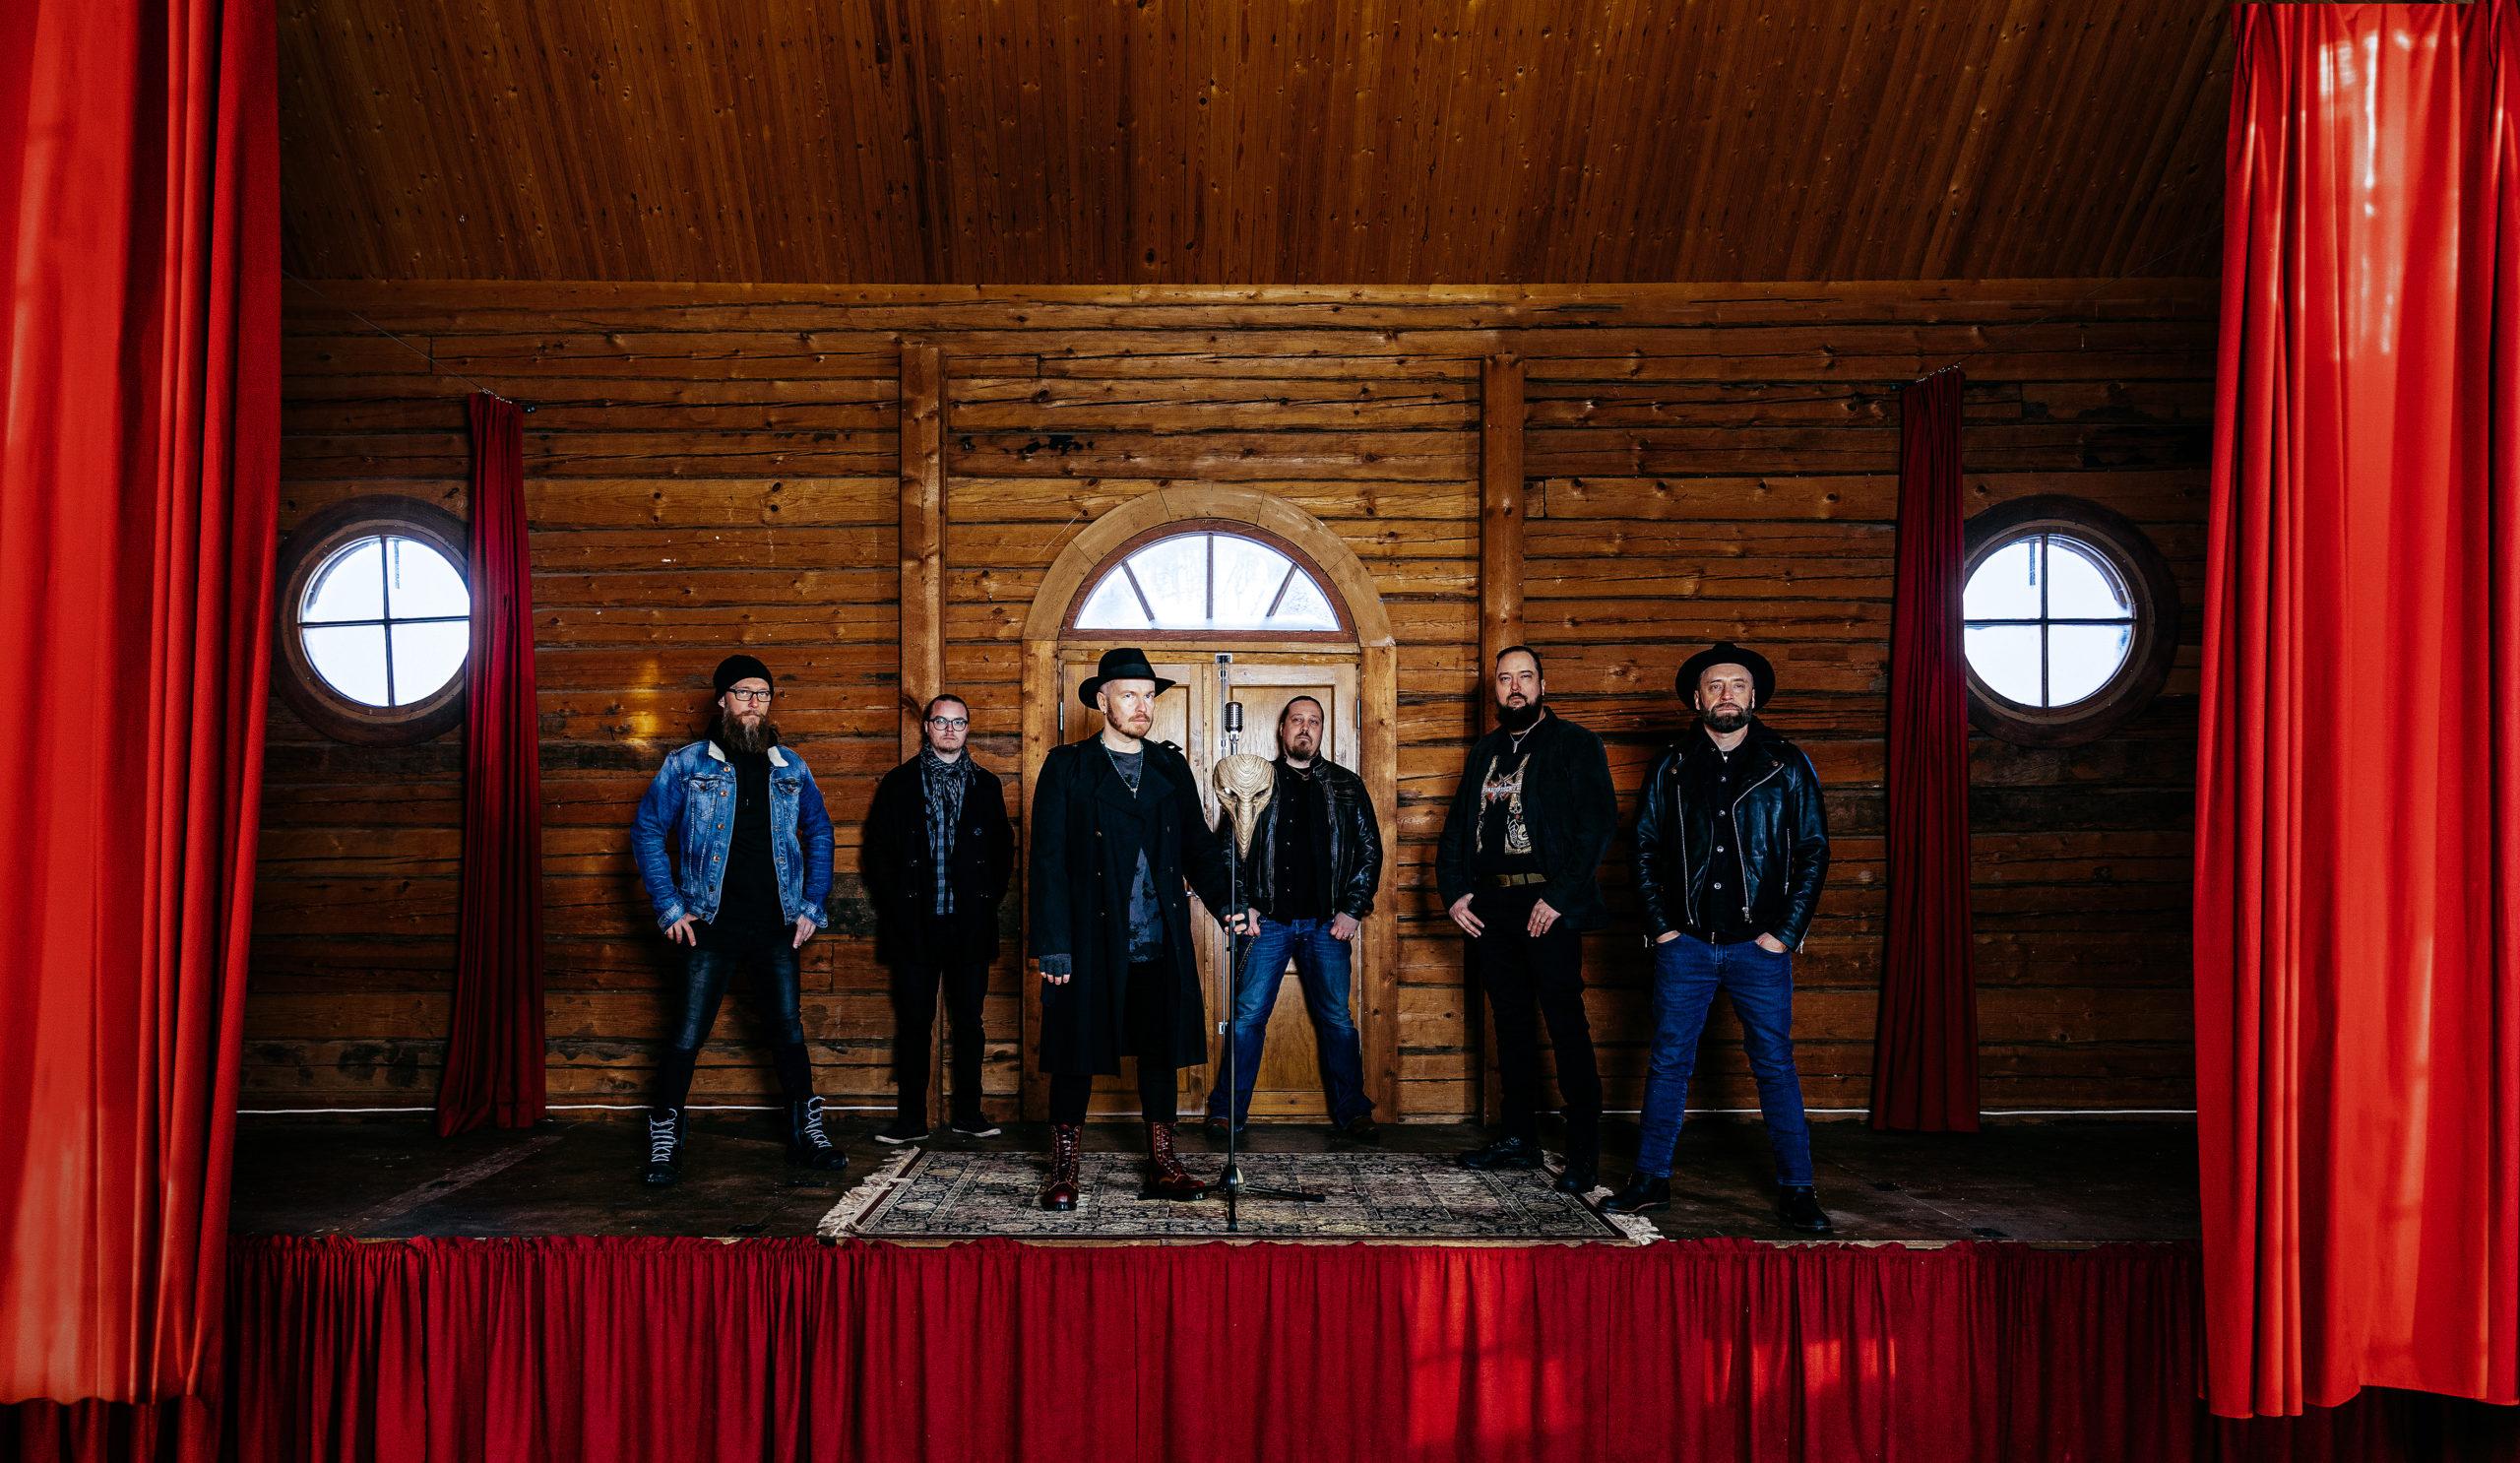 Kotimainen doom rock -yhtye Planeetta 9 julkaisi uuden EP:n ja musiikkivideon